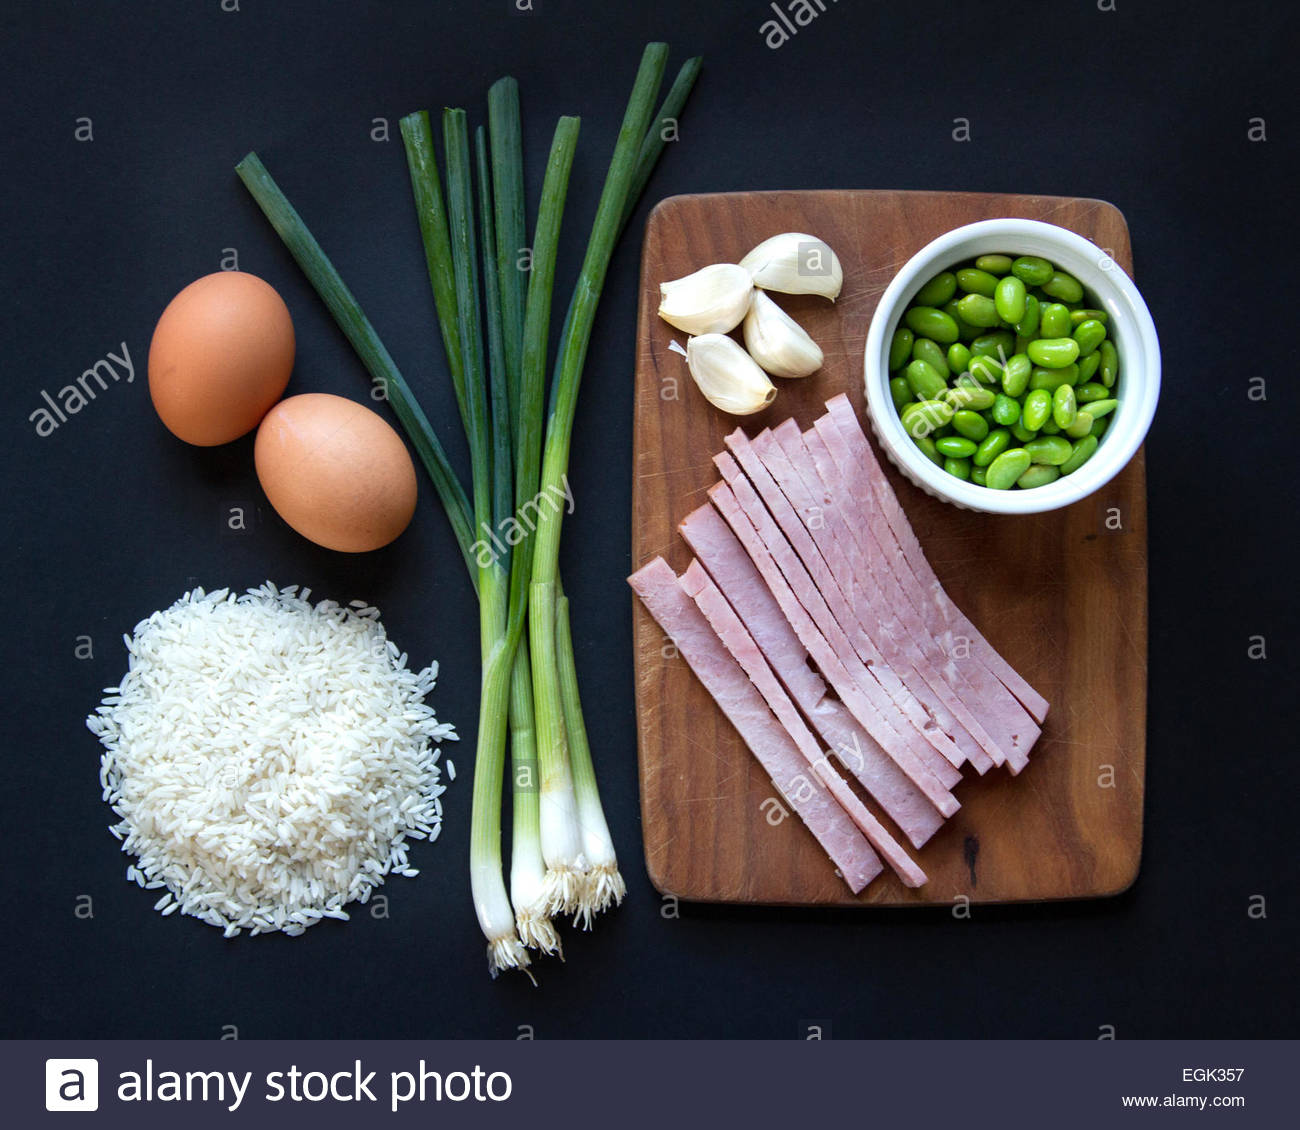 Vue aérienne d'ingrédients alimentaires sur fond noir Photo Stock